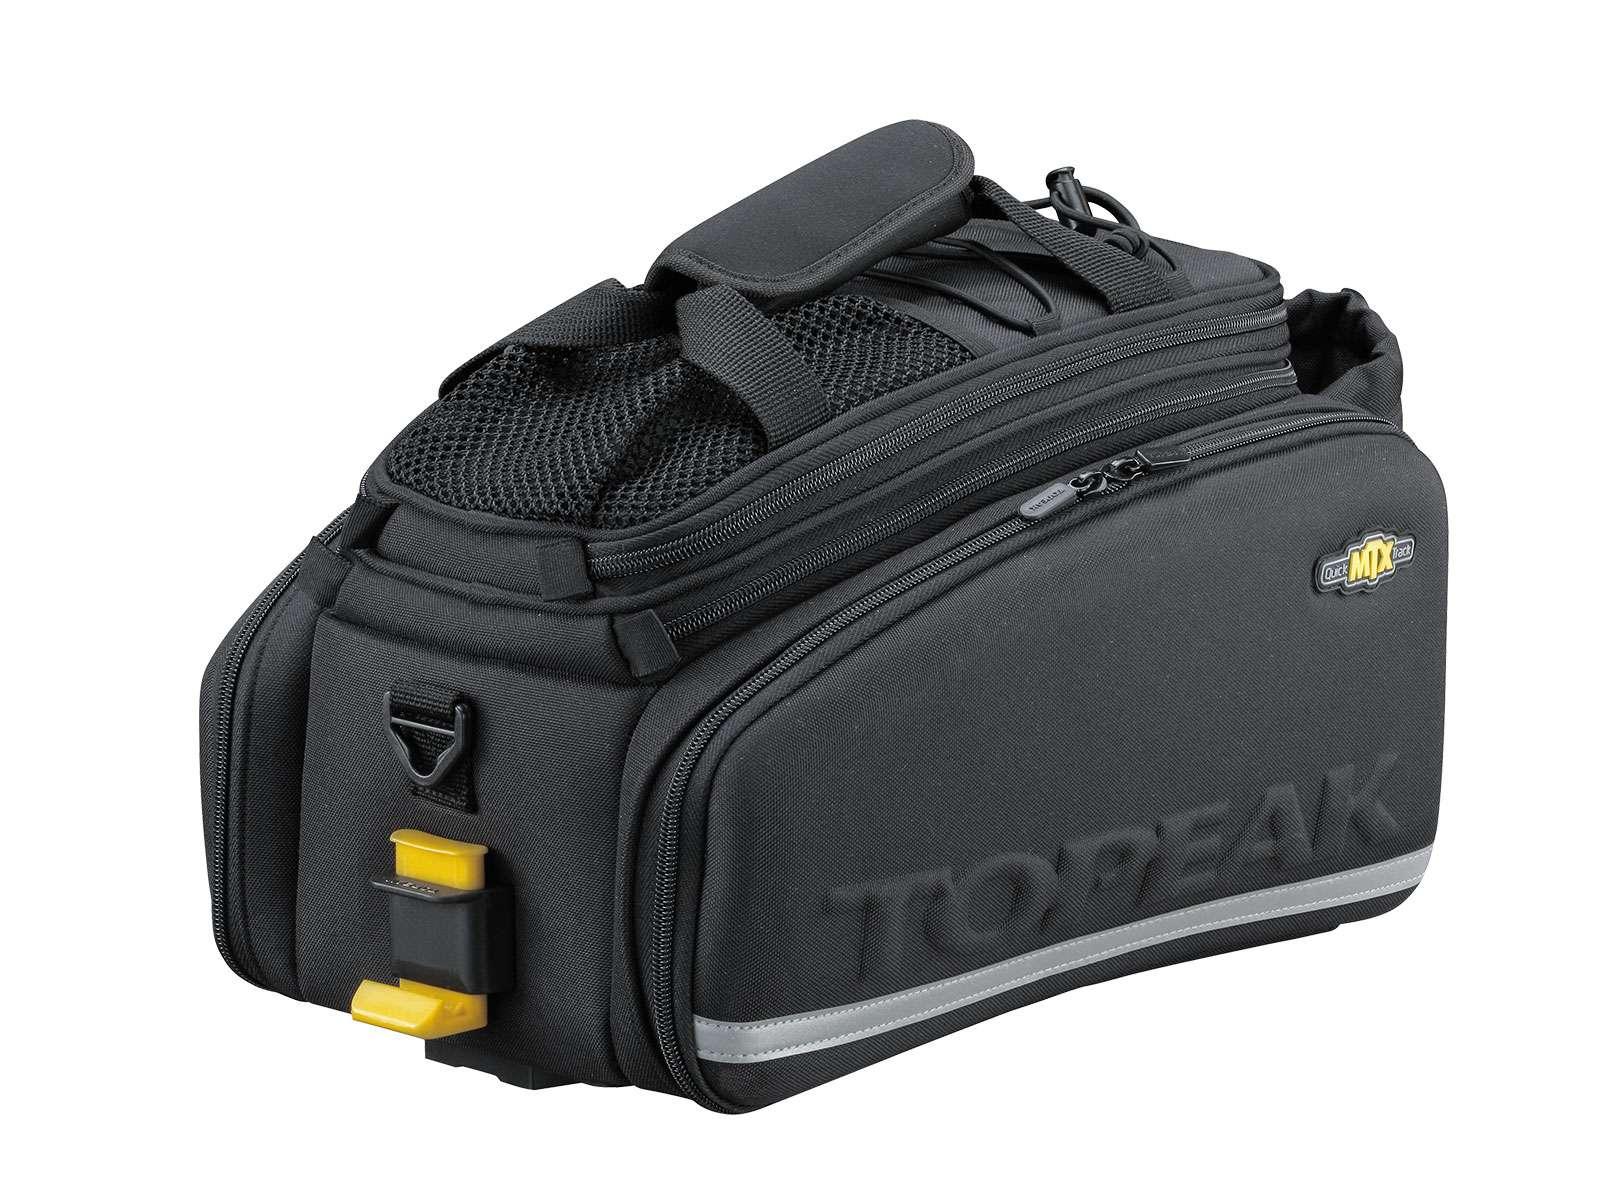 Alforje Topeak MTX Trunkbag DXP 22,6 Litros com Suporte para Garrafa de Água, Lateral Rígida e  Expansível